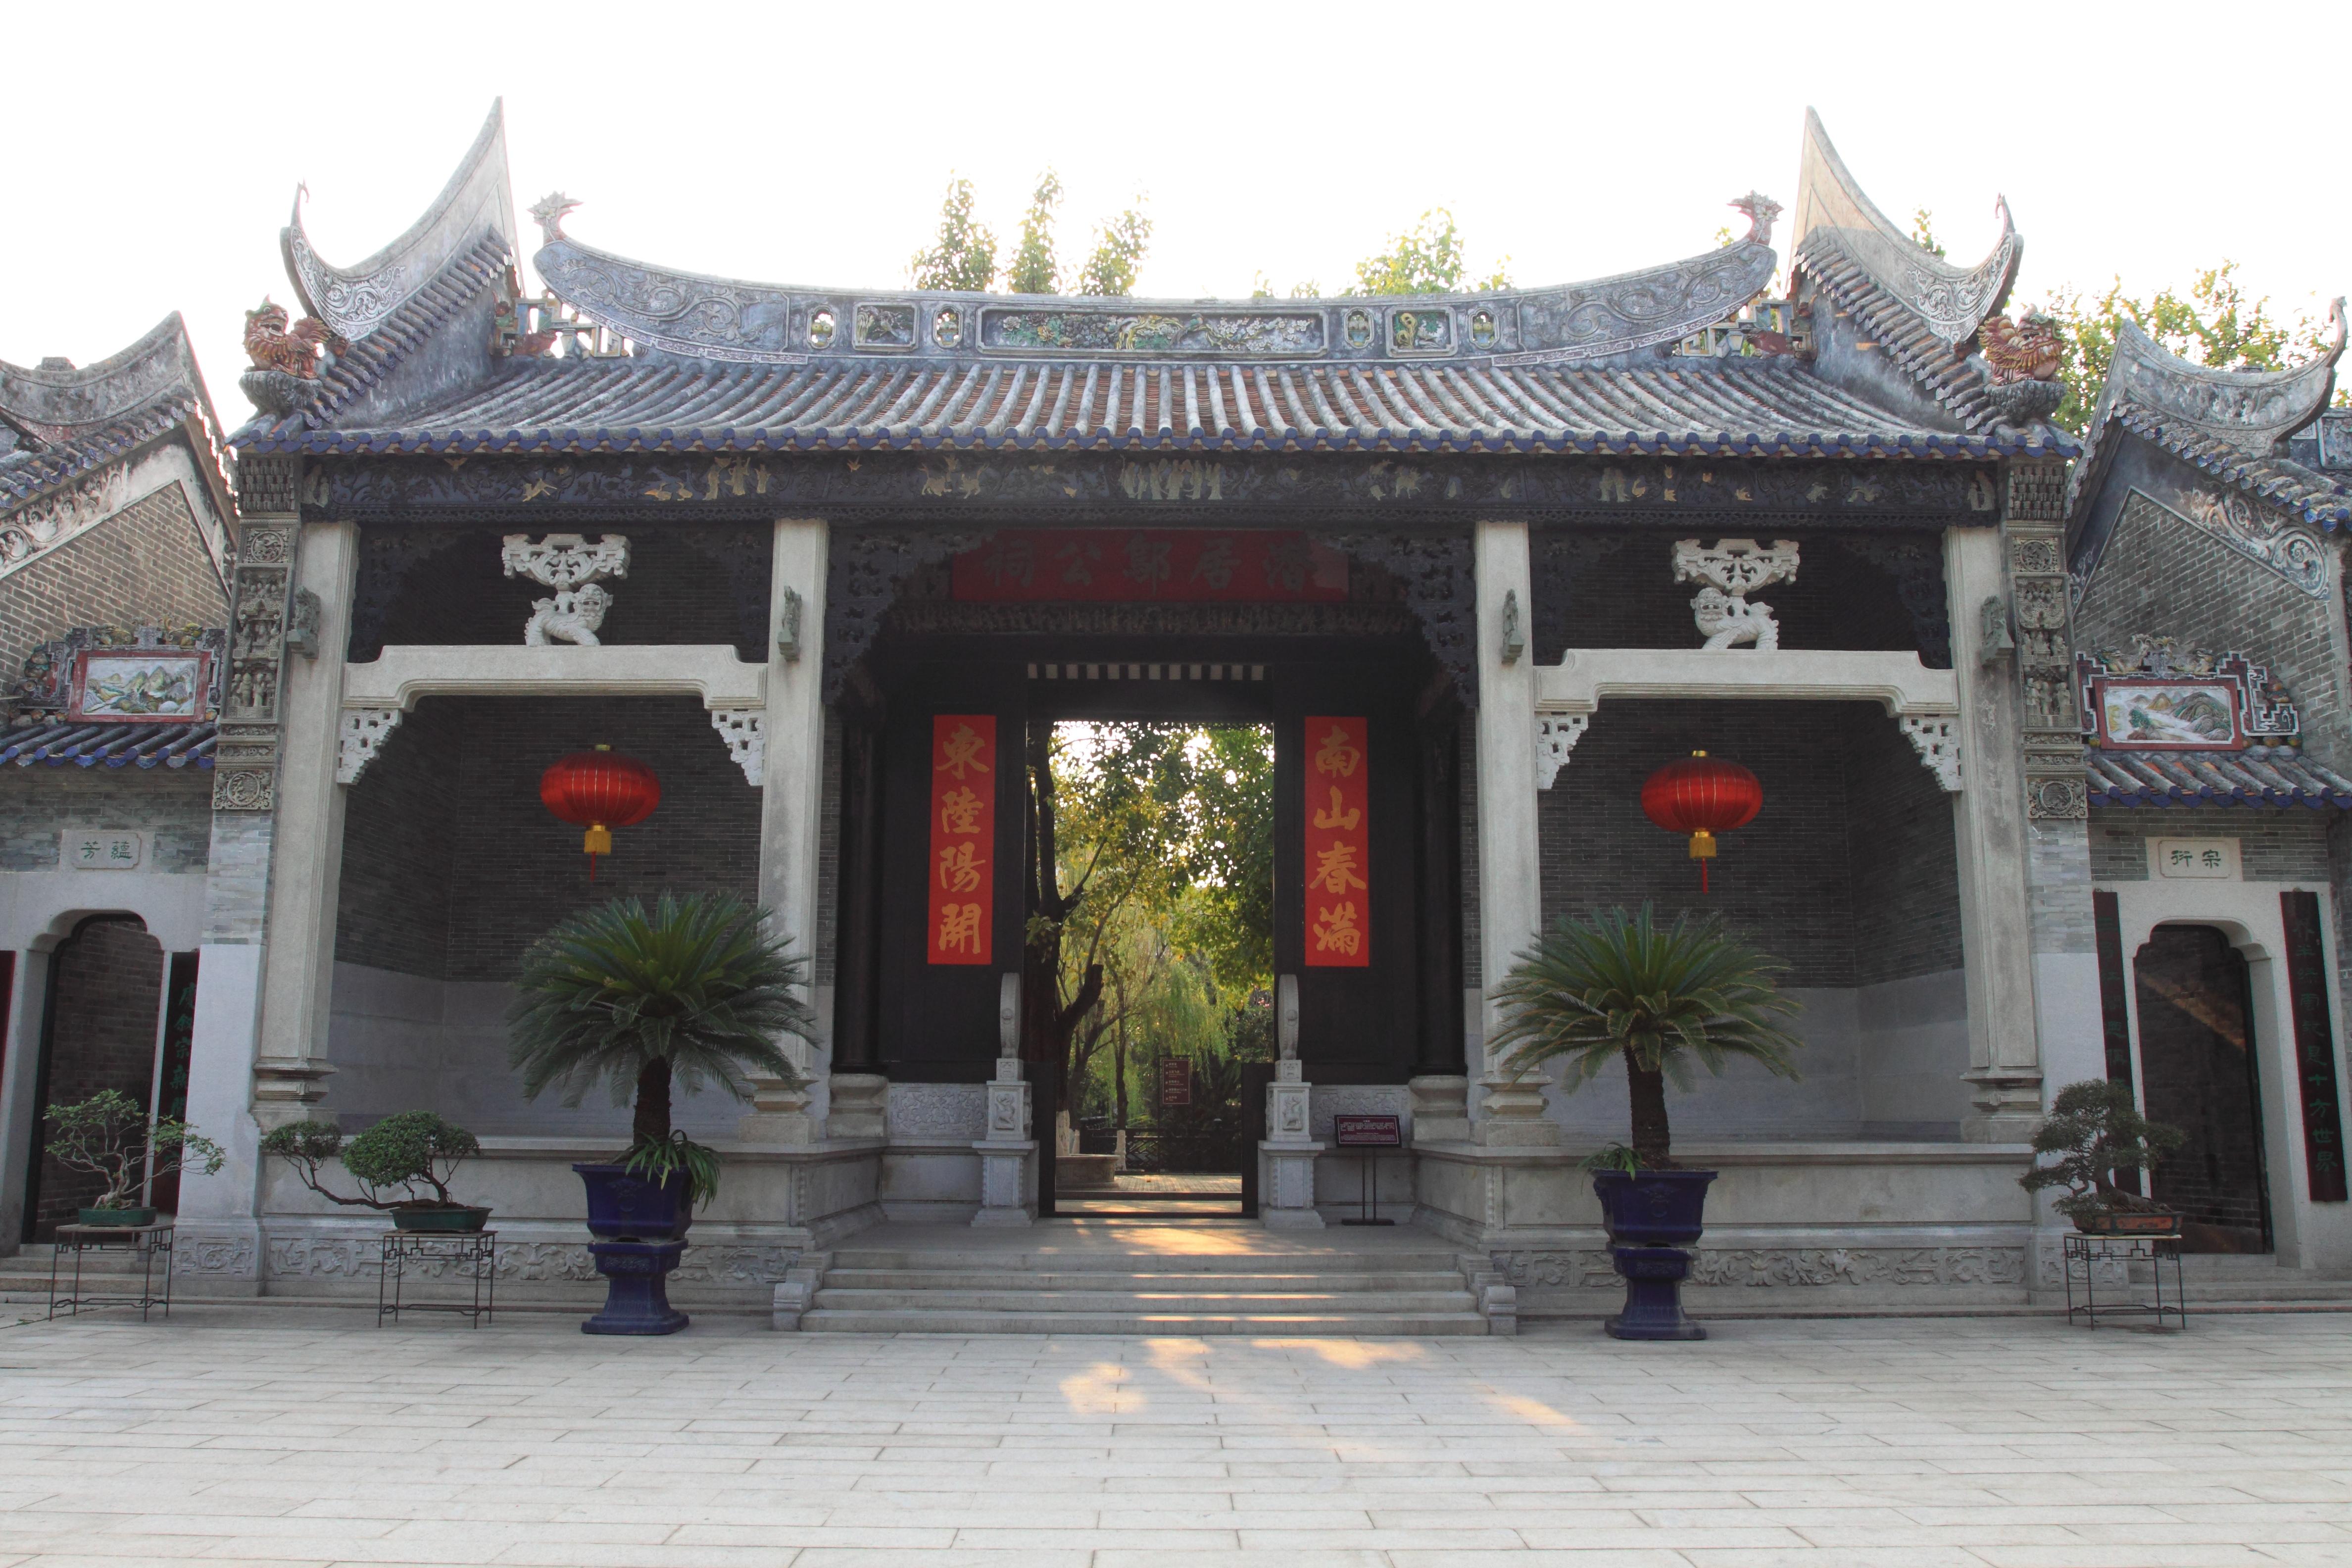 Lingnan culture - Wikipedia 4d9d238847066